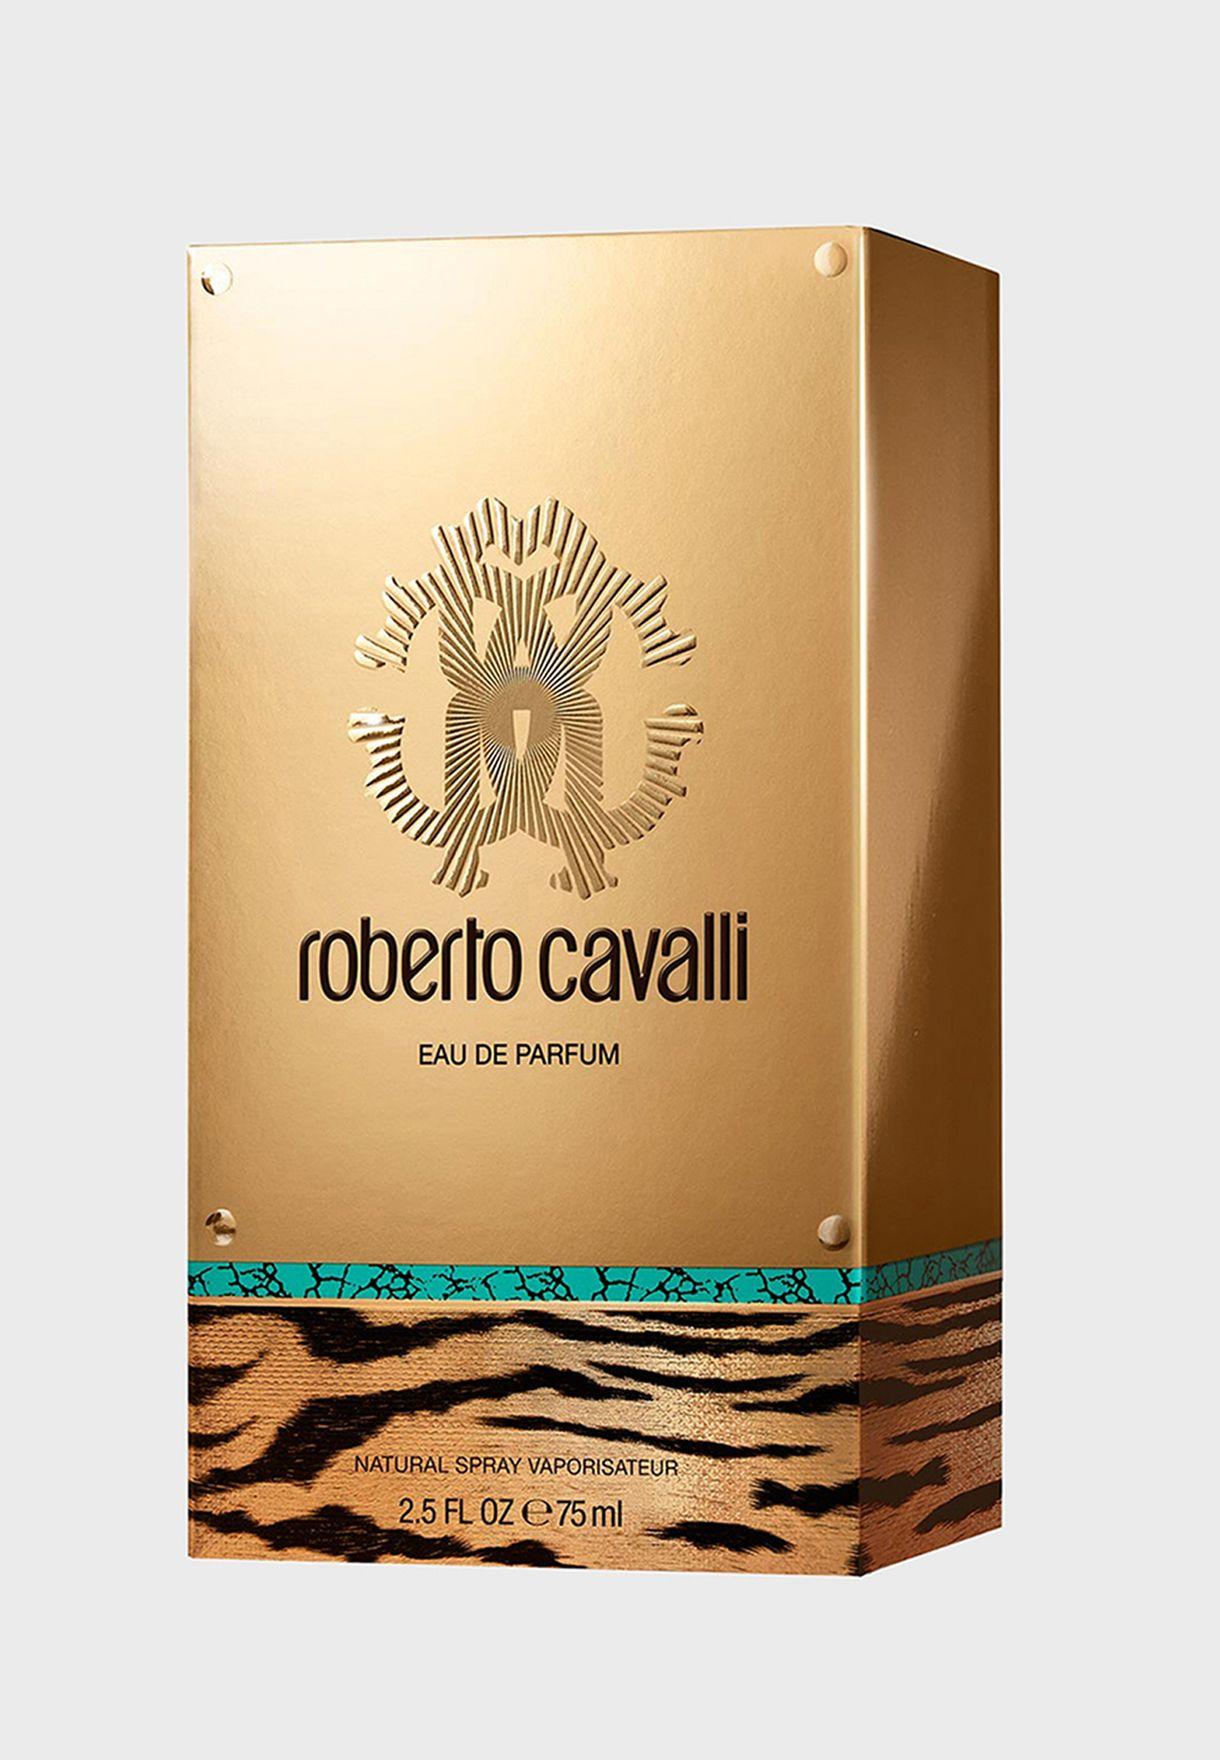 عطر عطر روبيرتو كافالي الأصلي أو دو  بارفان 75 مل